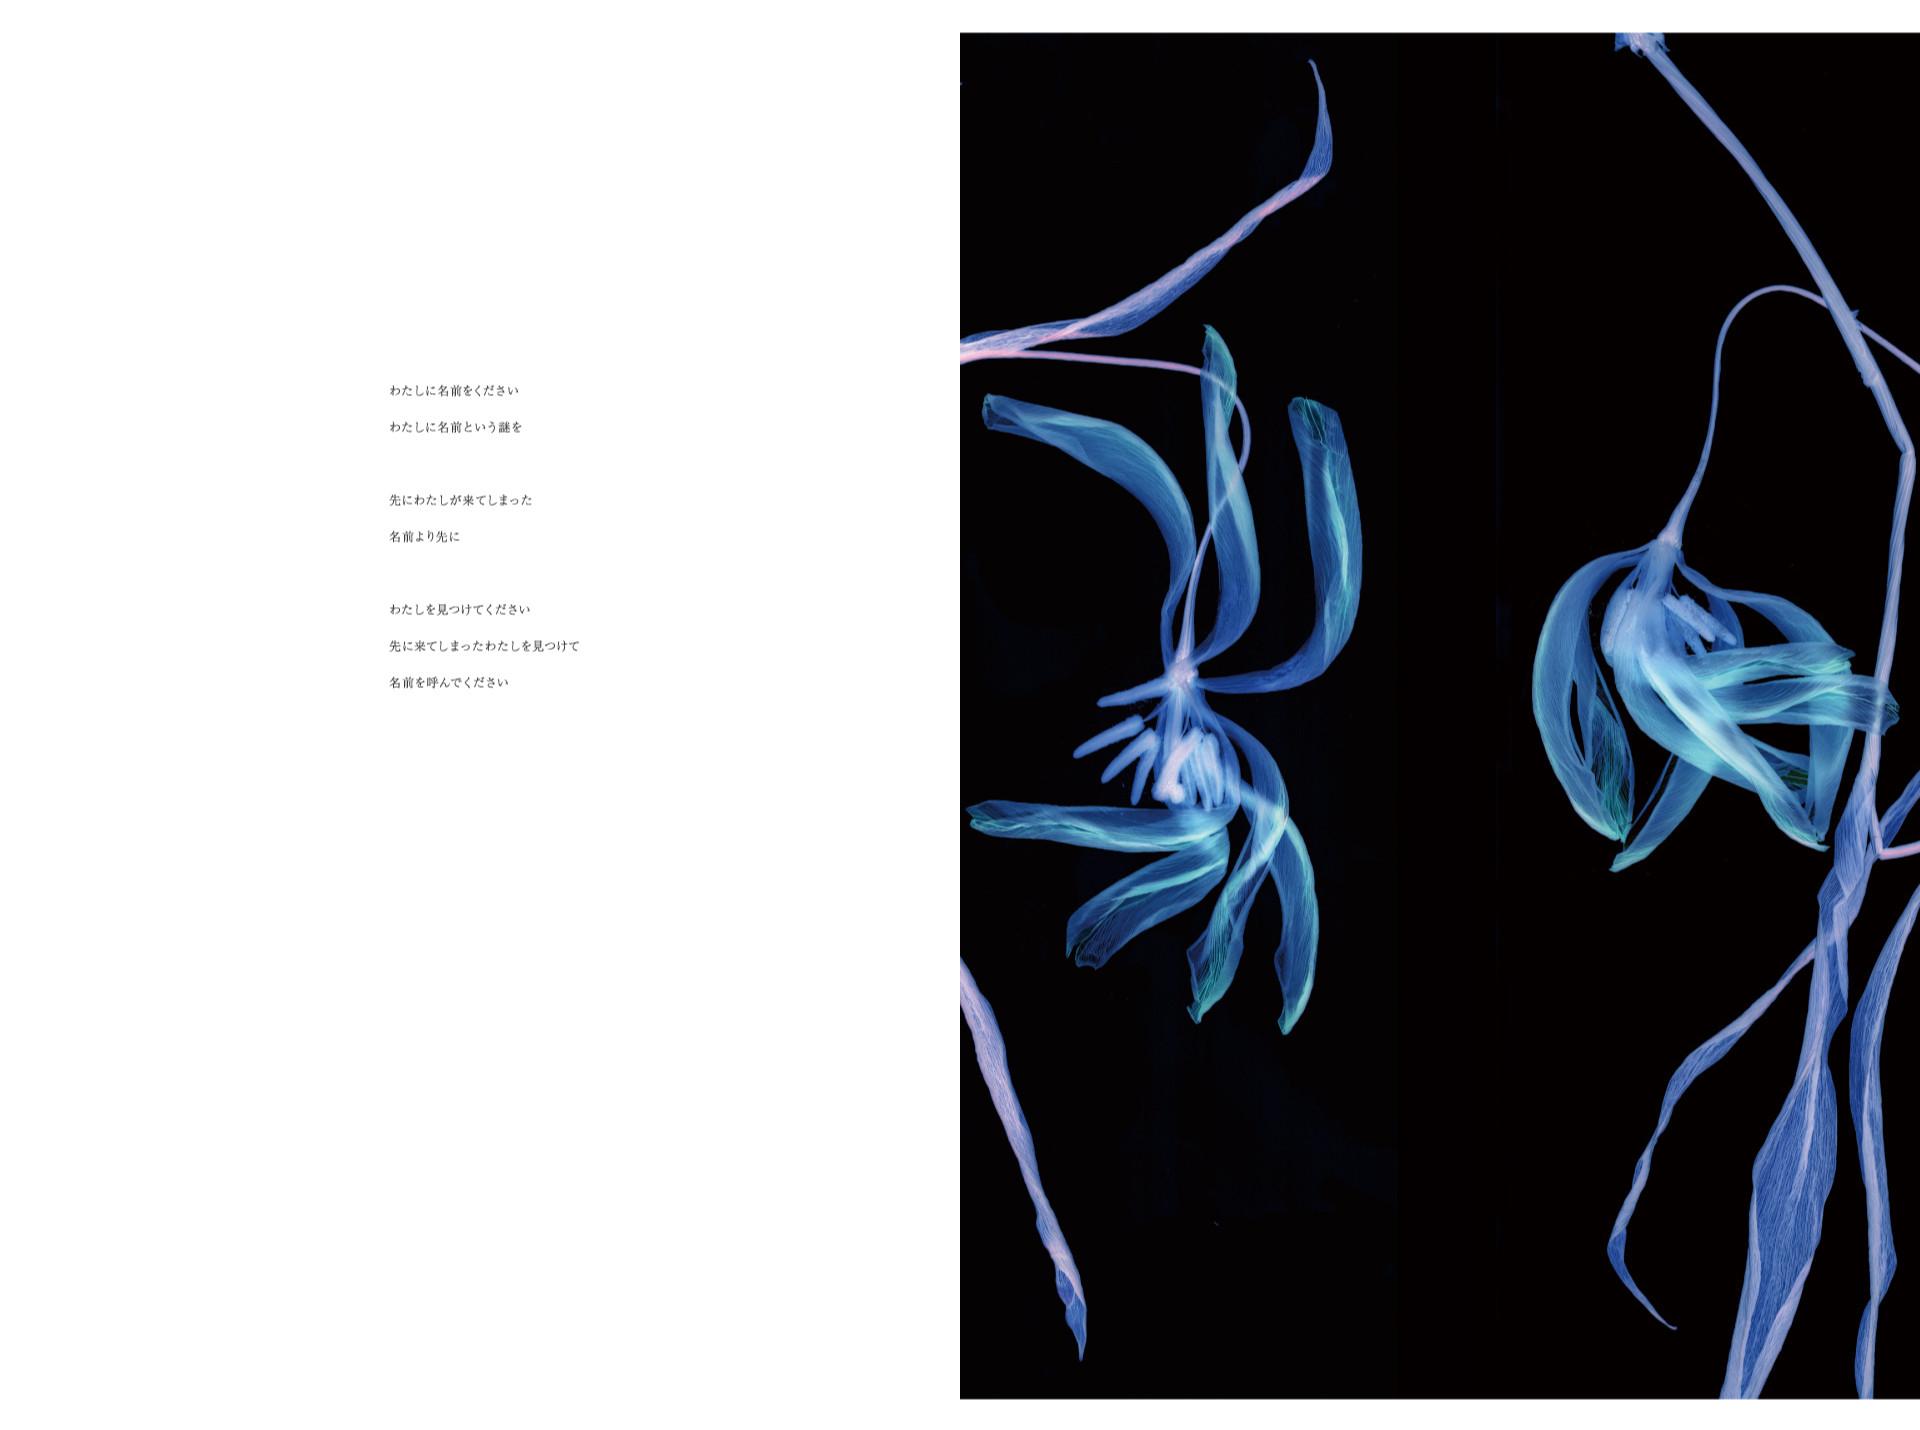 わたしに名前をください わたしに名前という謎をかけて   先にわたしが来てしまった 名前より先に   わたしを見つけてください 先に来てしまったわたしを見つけて 名前を呼んでください       Poetry : Akiko Niimi         Tulip Ⓒ 2016 Yoichiro Nishimura